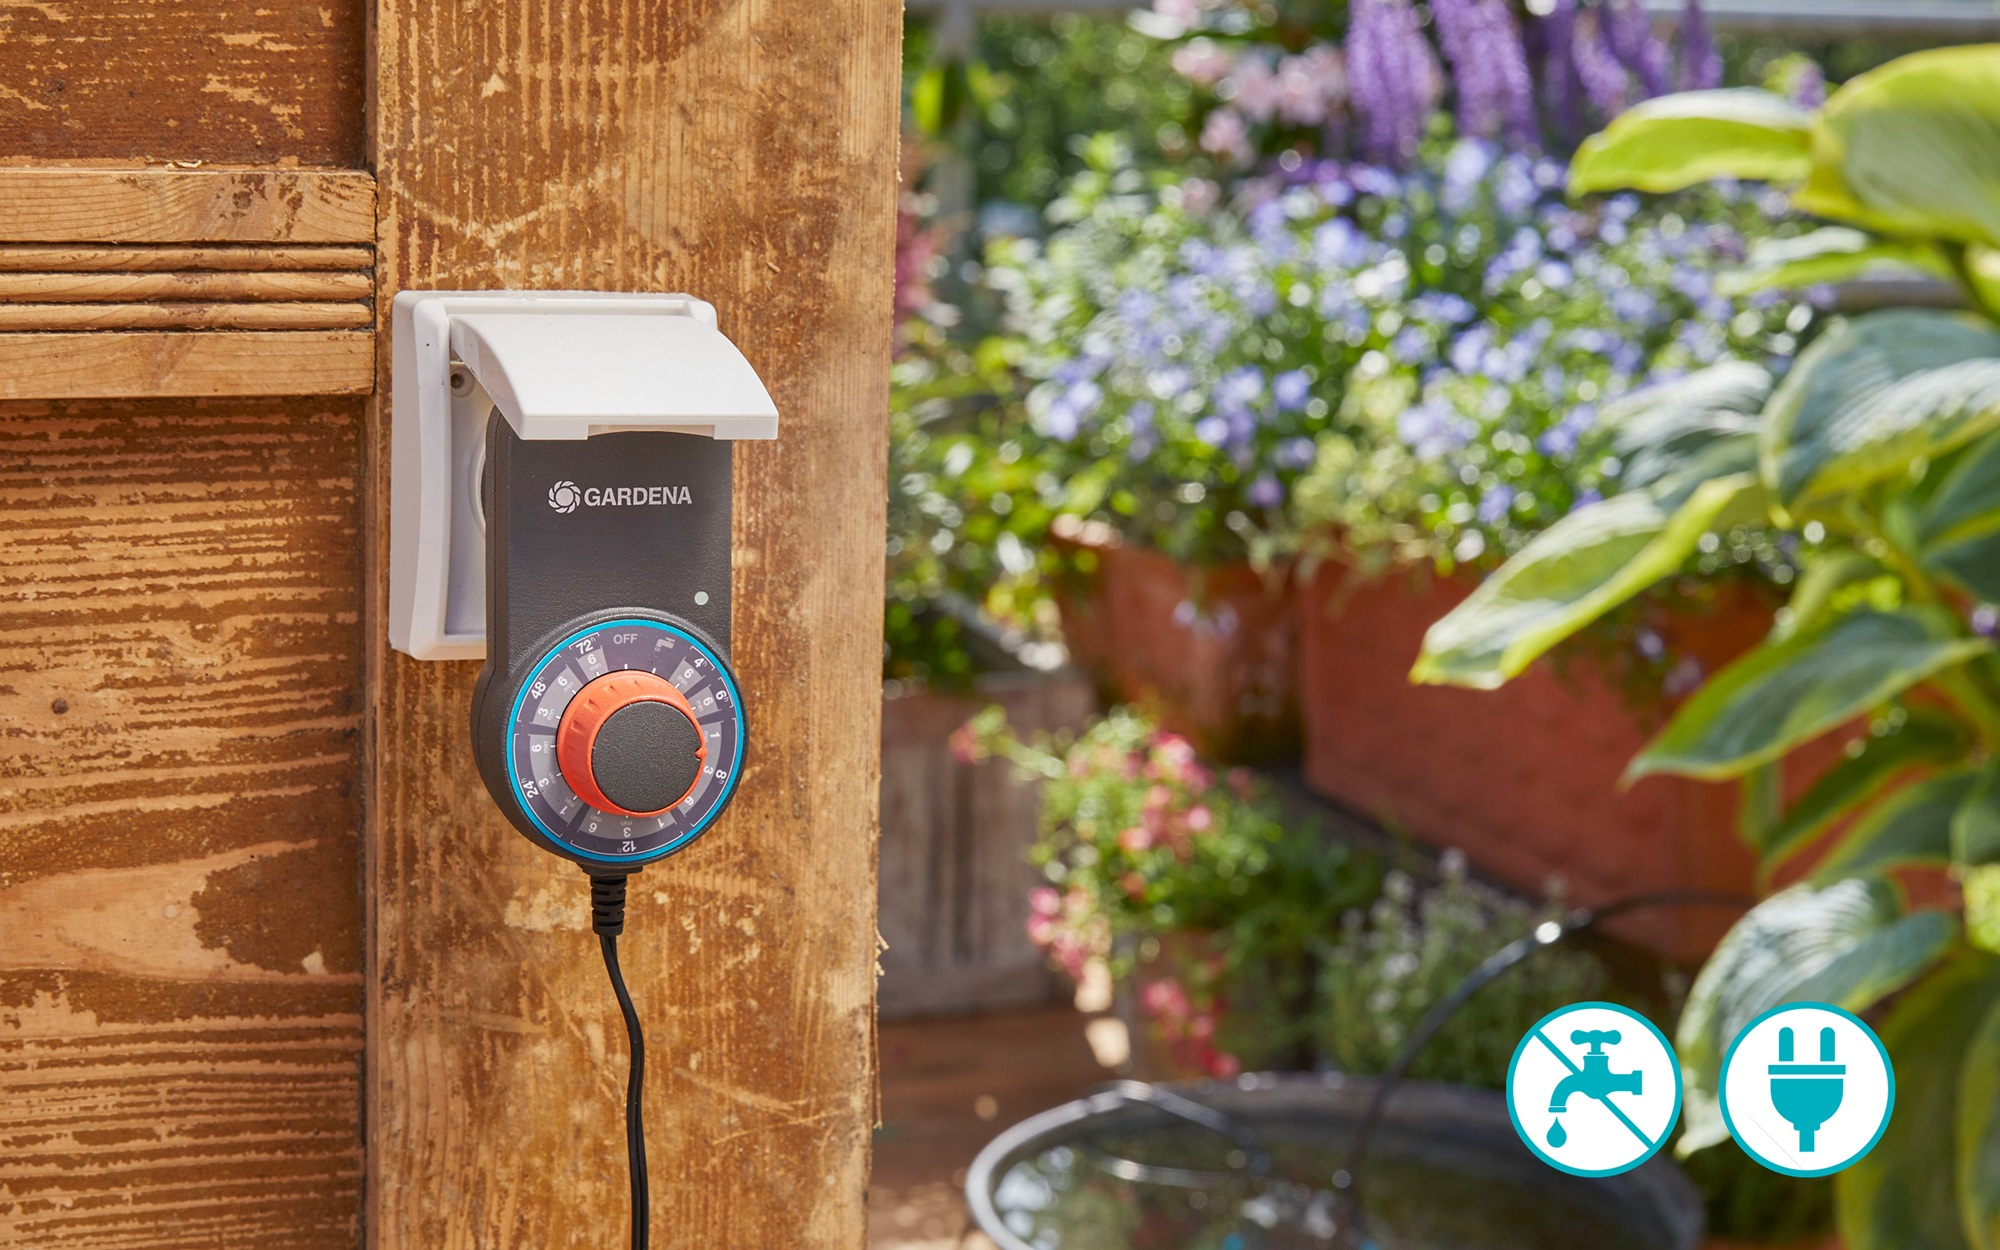 Full Size of Gardena Urlaubsbewsserung Bewässerung Garten Bewässerungssysteme Automatisch Bewässerungssystem Test Wohnzimmer Bewässerung Balkon